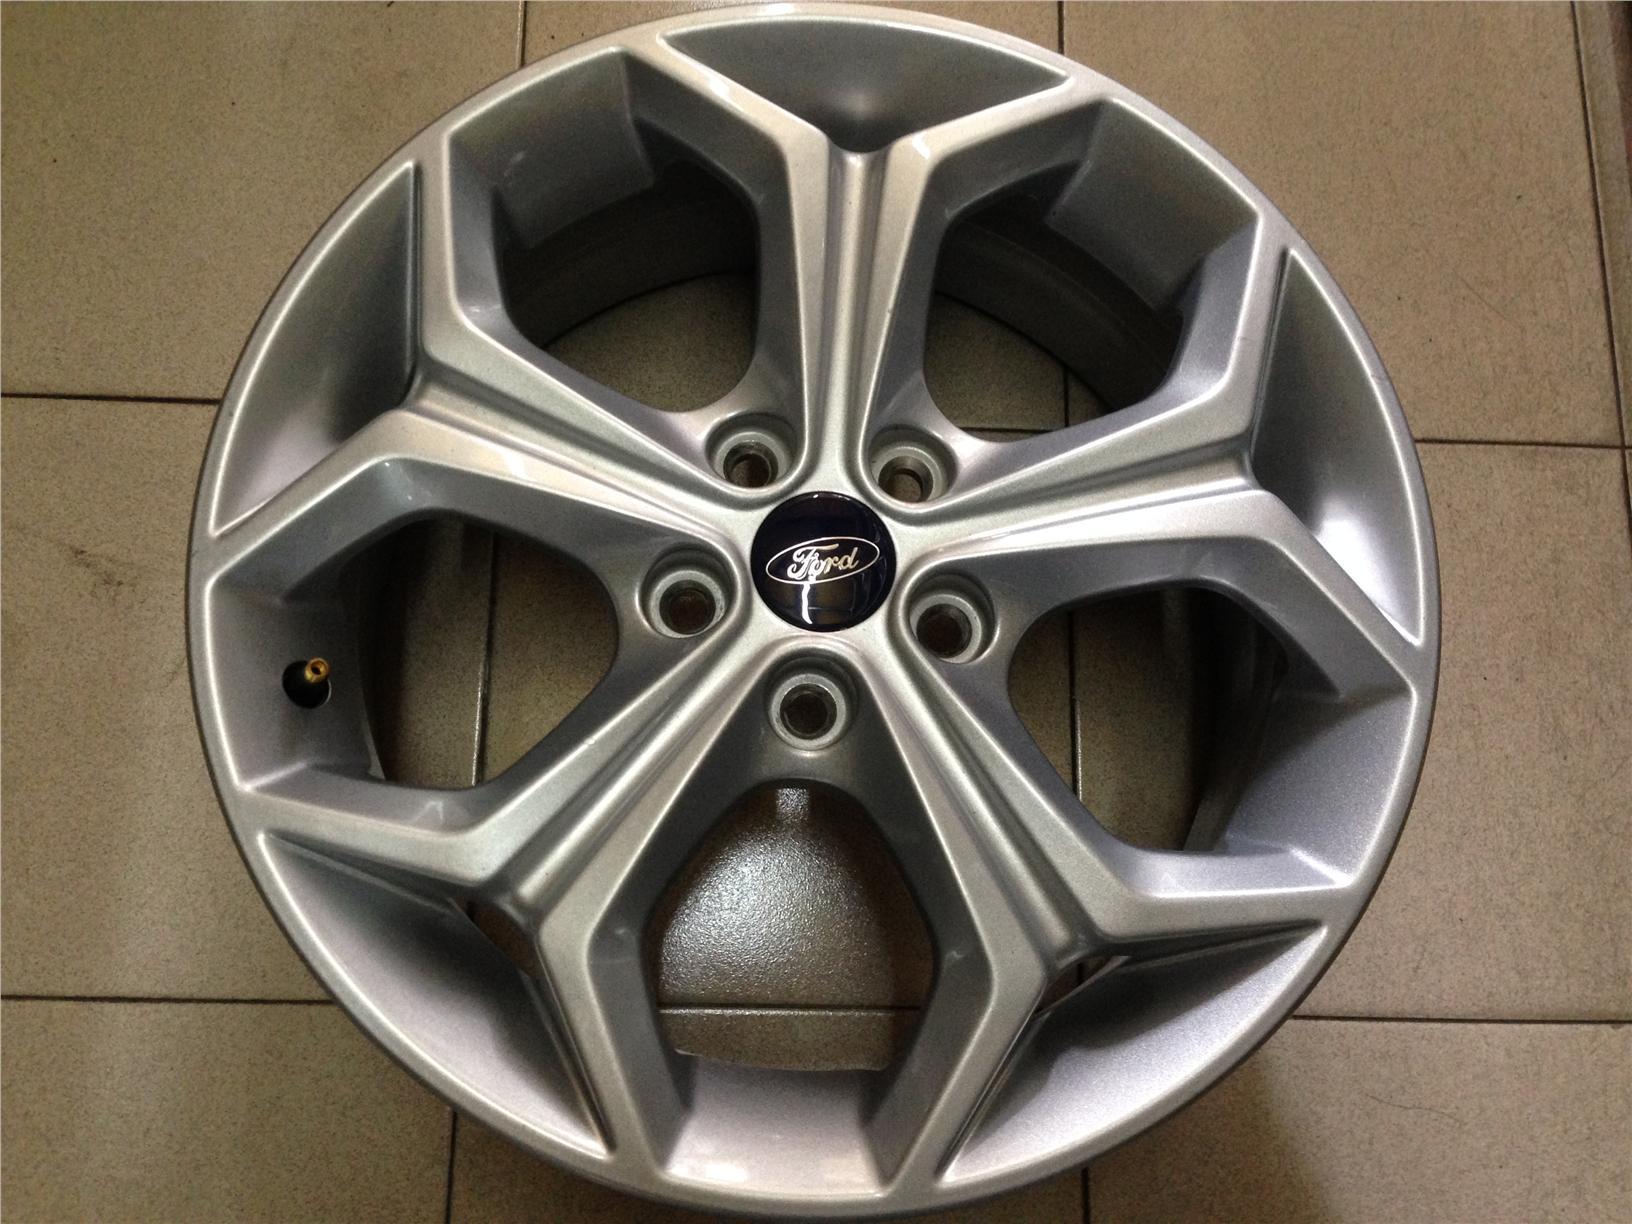 Original 17 inch ford focus st rim